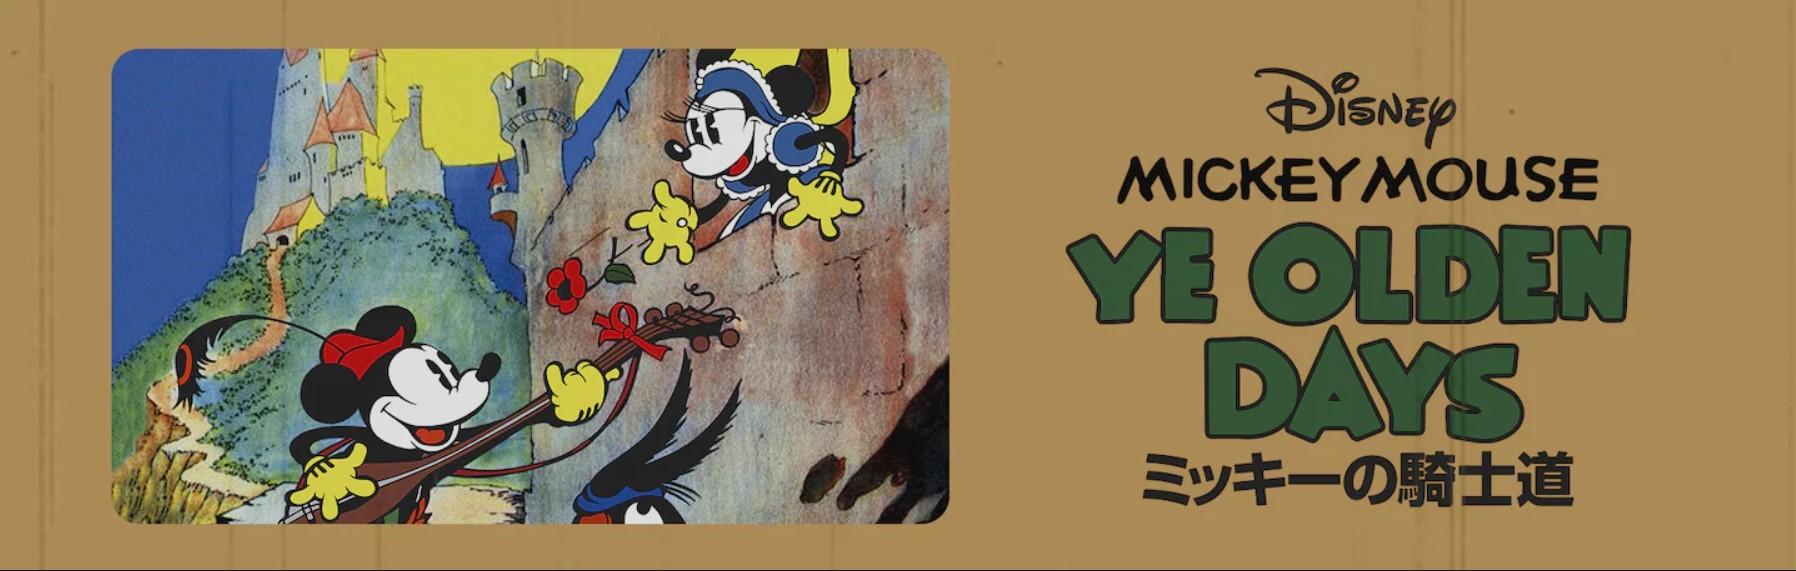 ミッキーの騎士道の動画をフル視聴できる配信サービス14社比較!